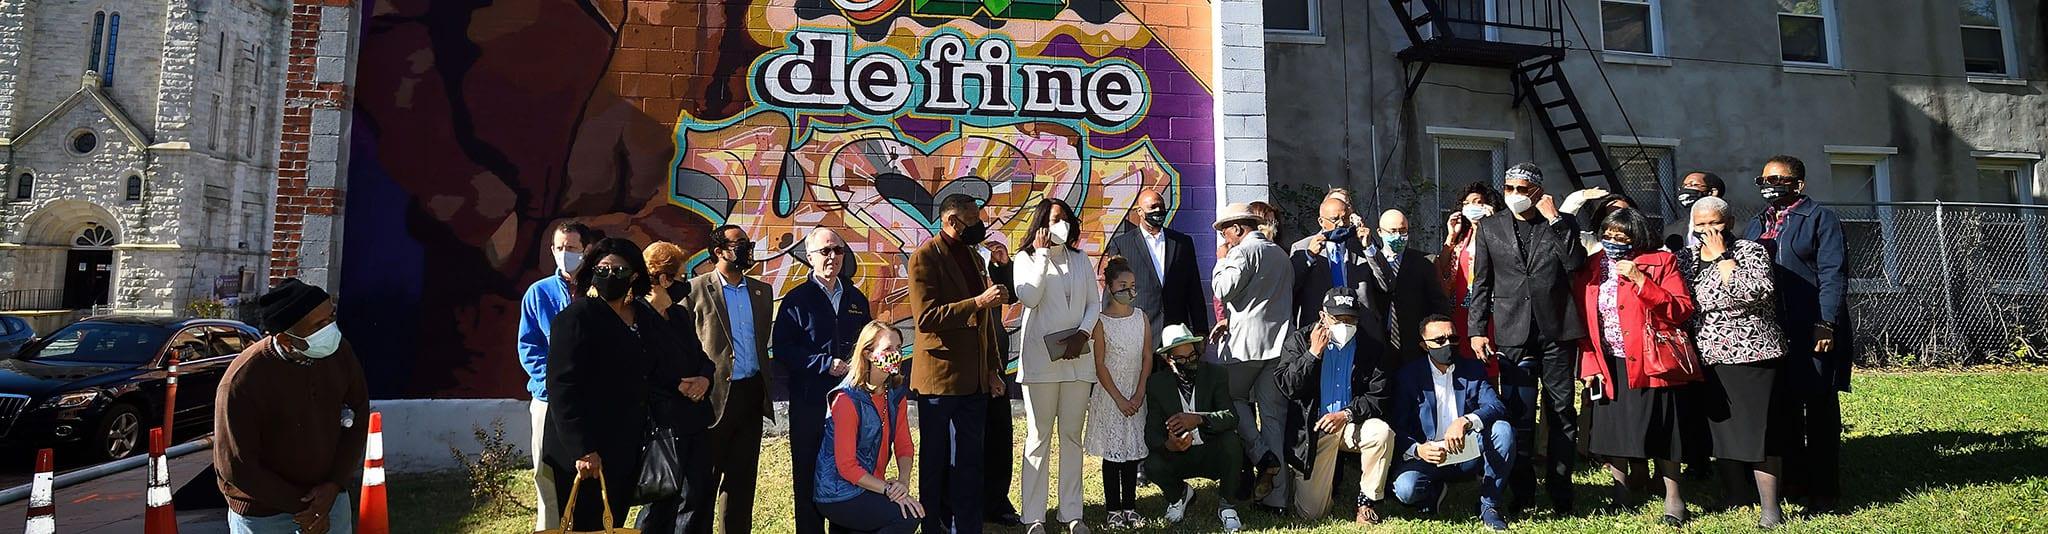 people in front of Elijah Cummings mural